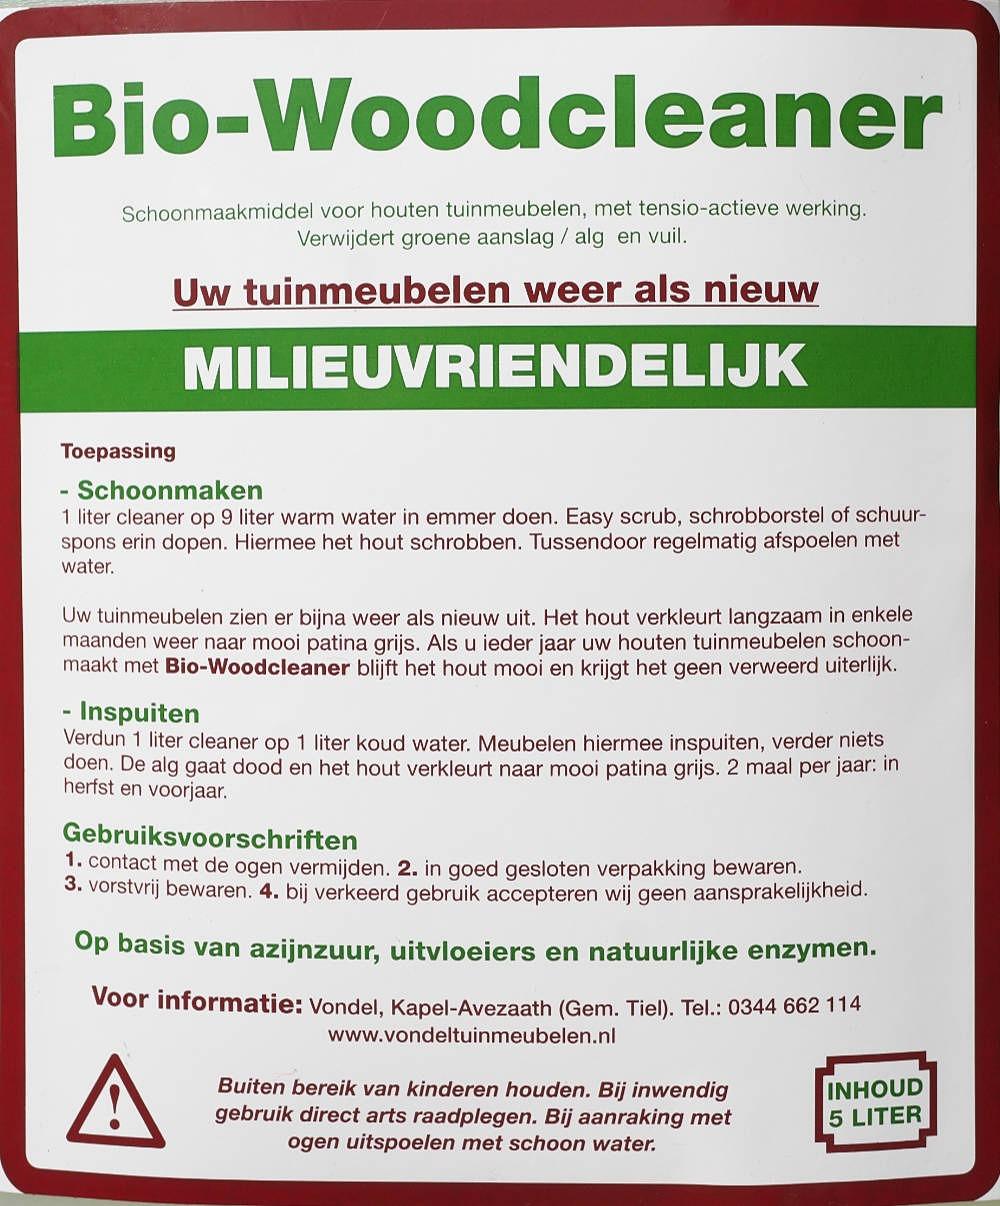 Schoonmaken van houten tuinmeubelen milieuvriendelijk met onze Bio-Woodcleaner.